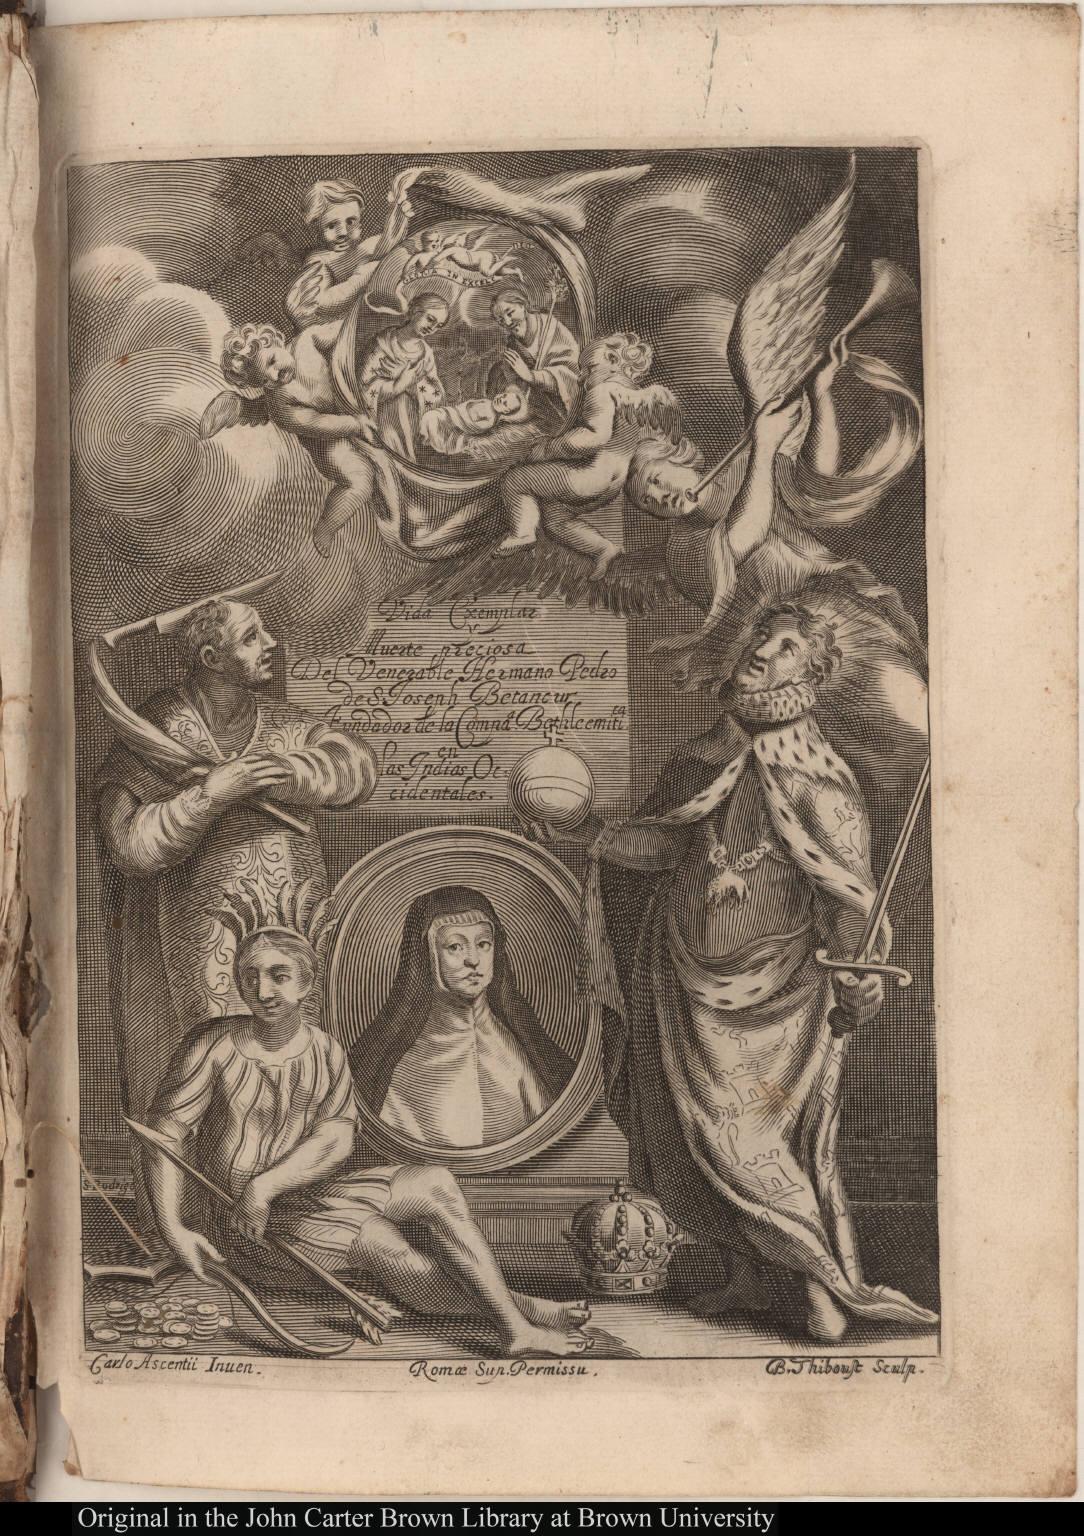 Vida Exemplae Muerte preciosa del Venerable Hermano Pedro de S. Joseph Betancur Fundador de la Compa[ñ]a Bethleemitica [sic] en las Indais Occidentales.